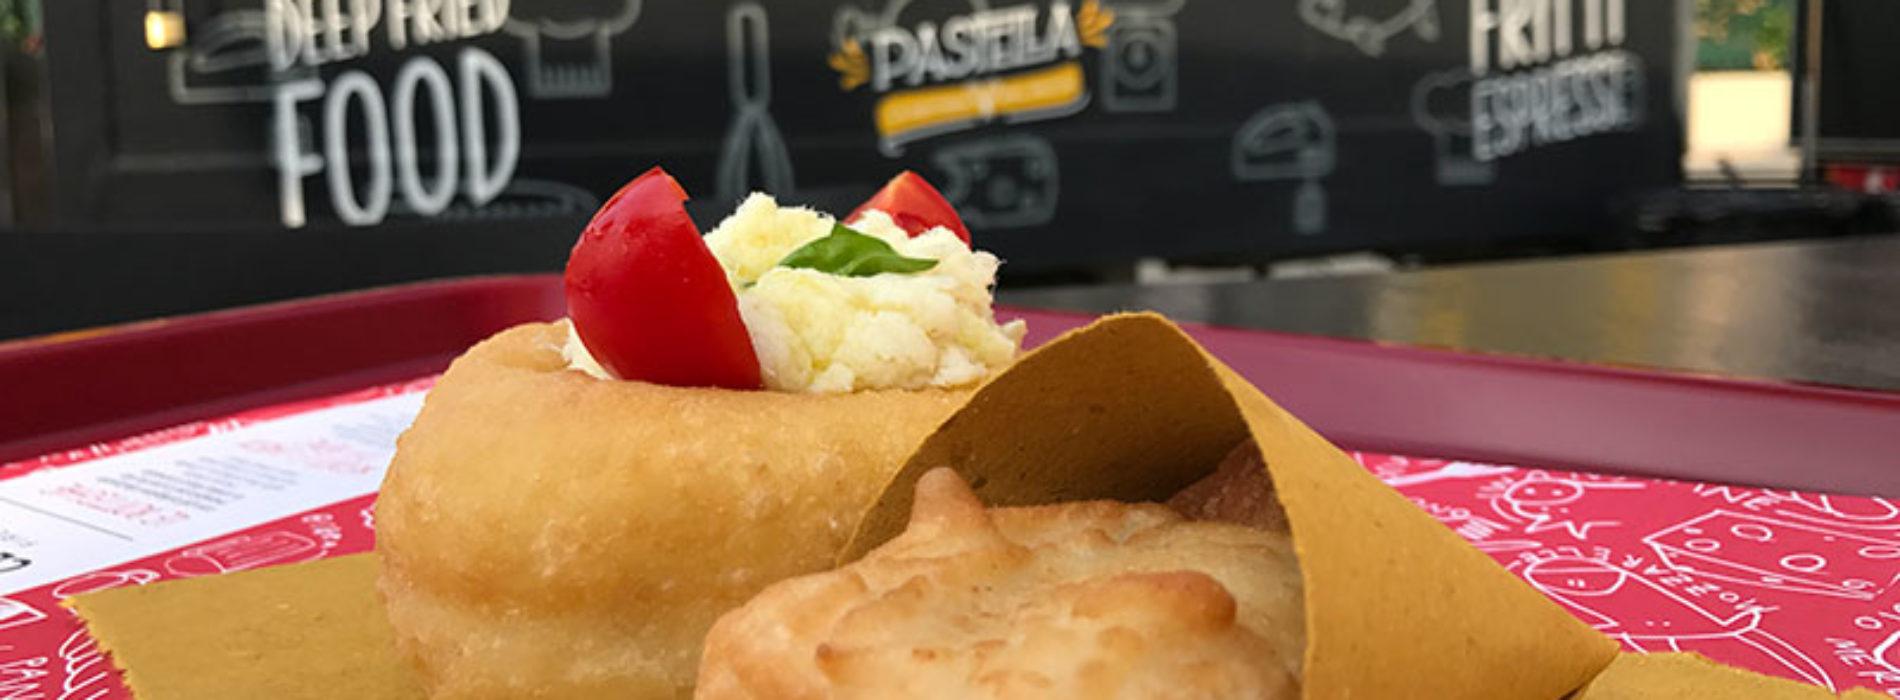 Pastella Torino, apre la friggitoria gourmet di Roma con supplì al telefono e bucatini cacio e pepe impanati e fritti